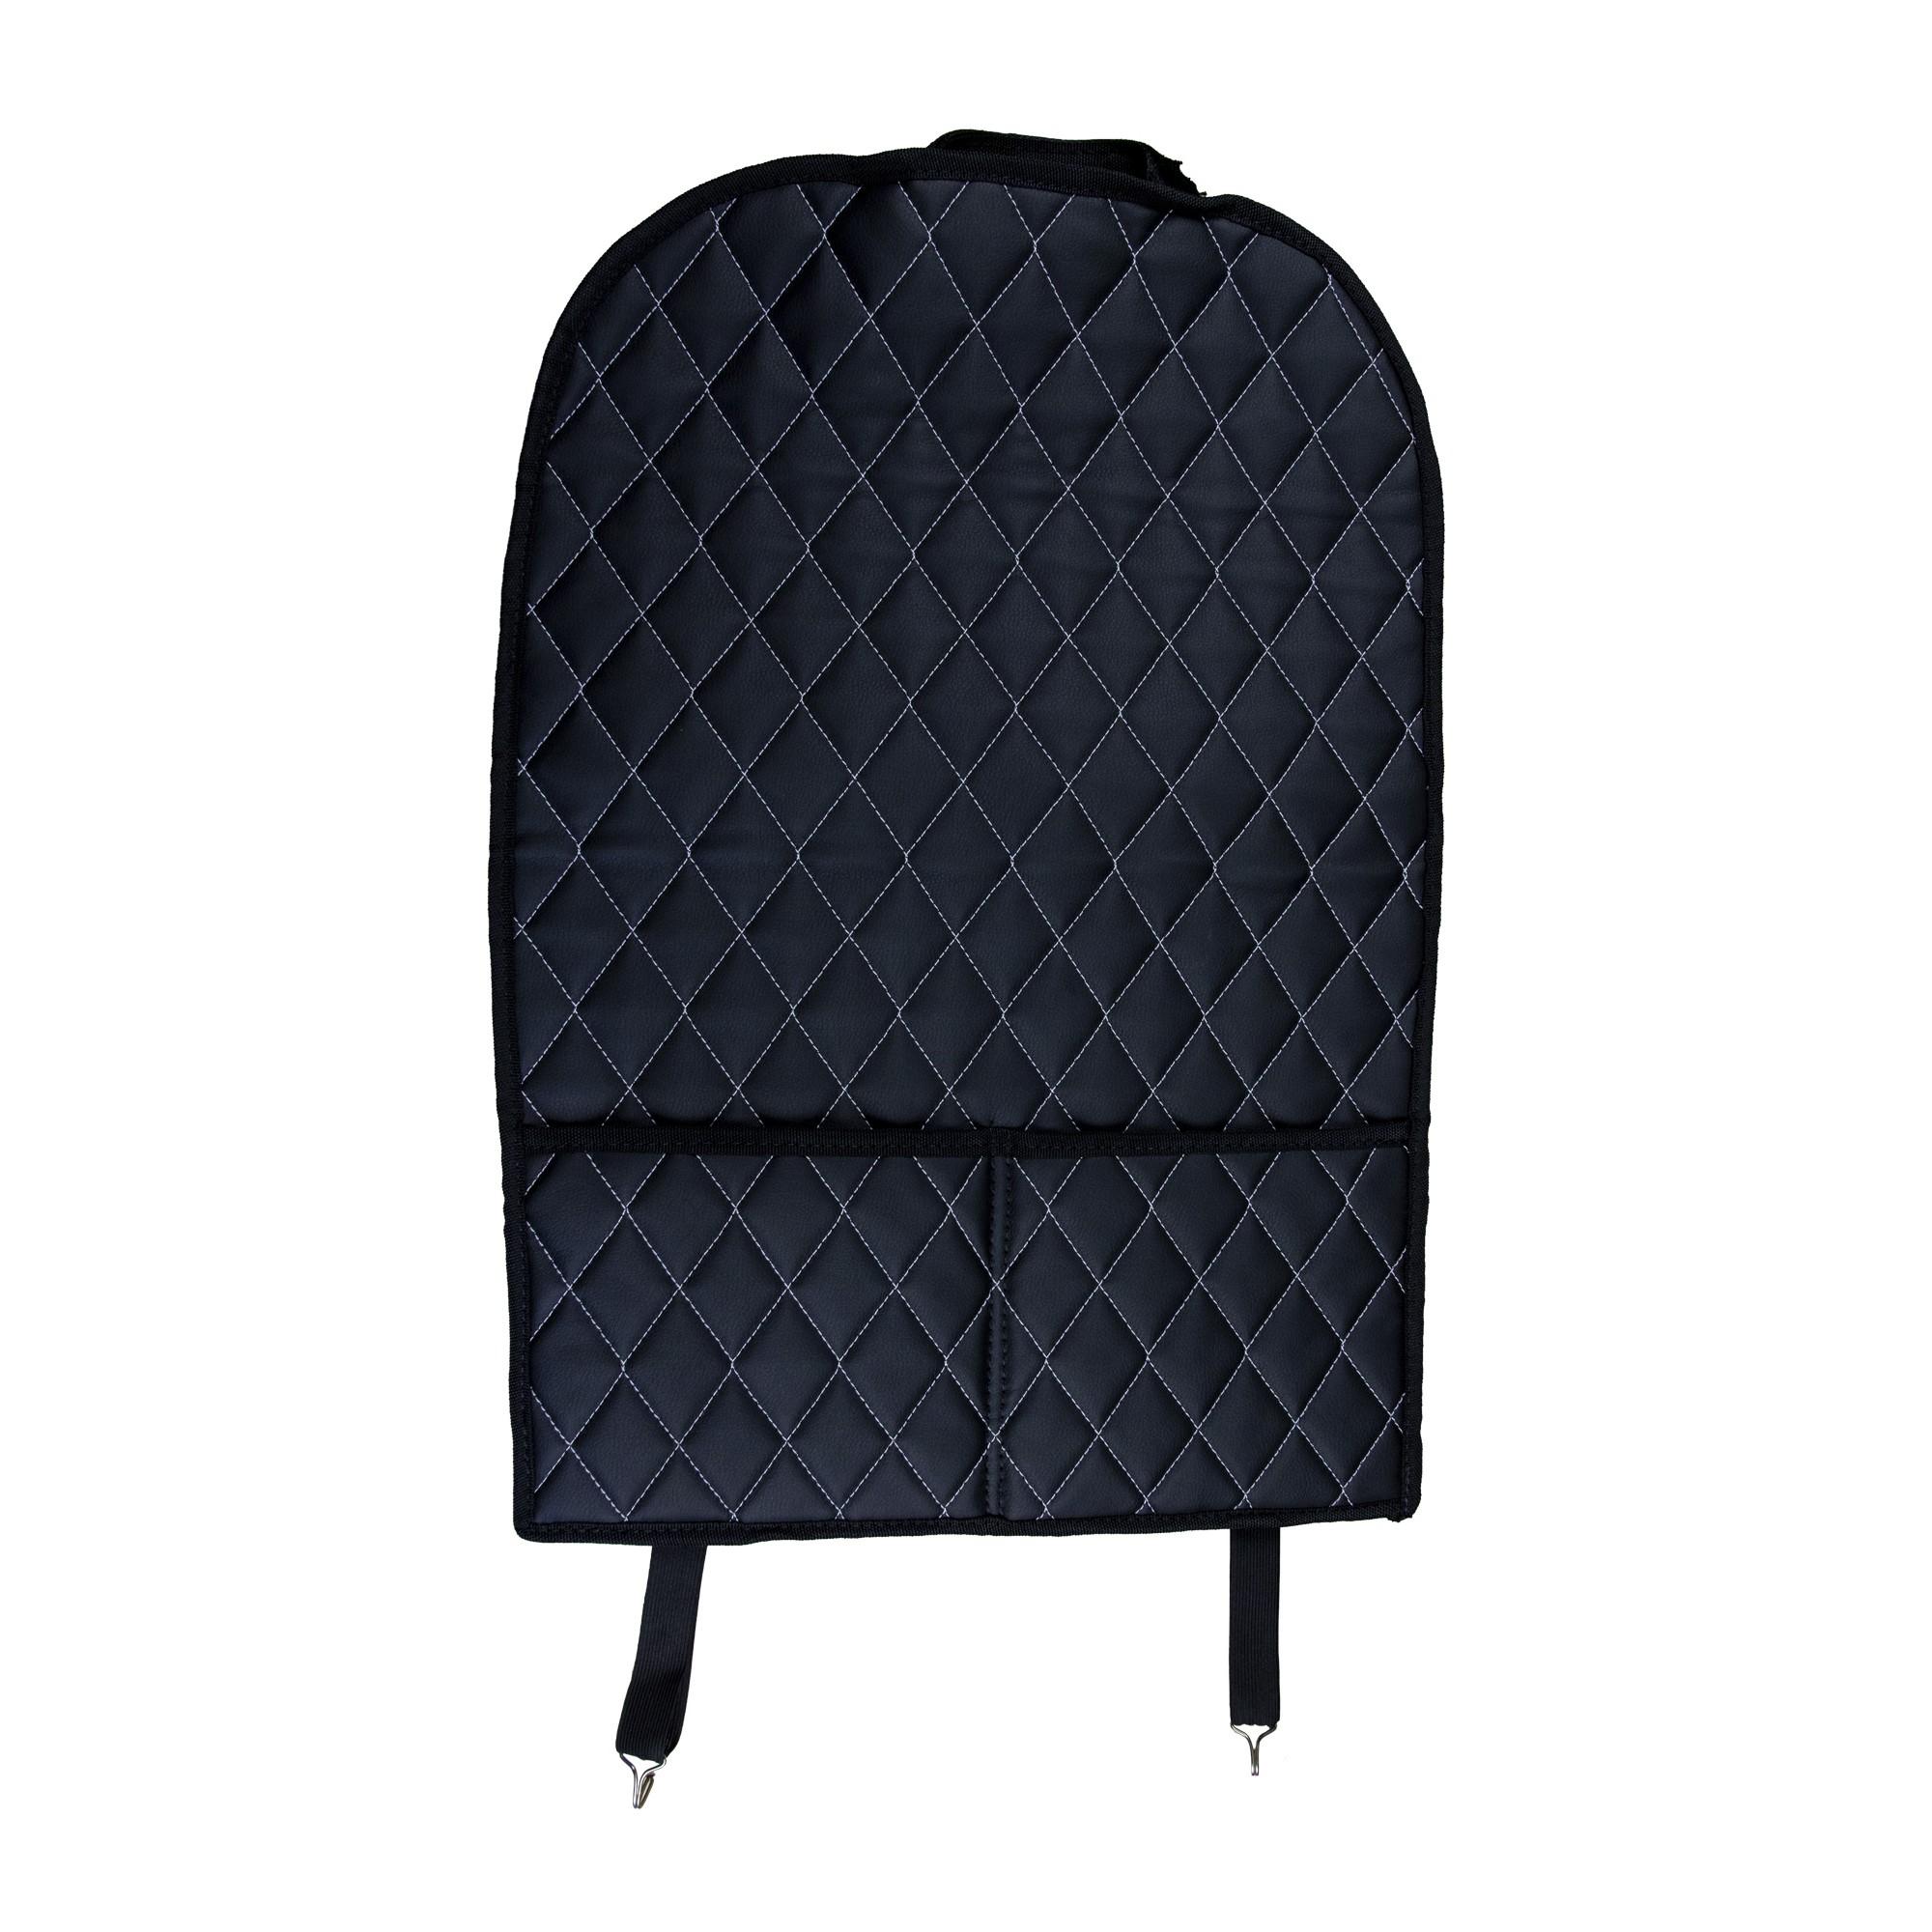 Защитная накидка на сиденье с карманами ArmAuto (экокожа-ромб, белая нить)